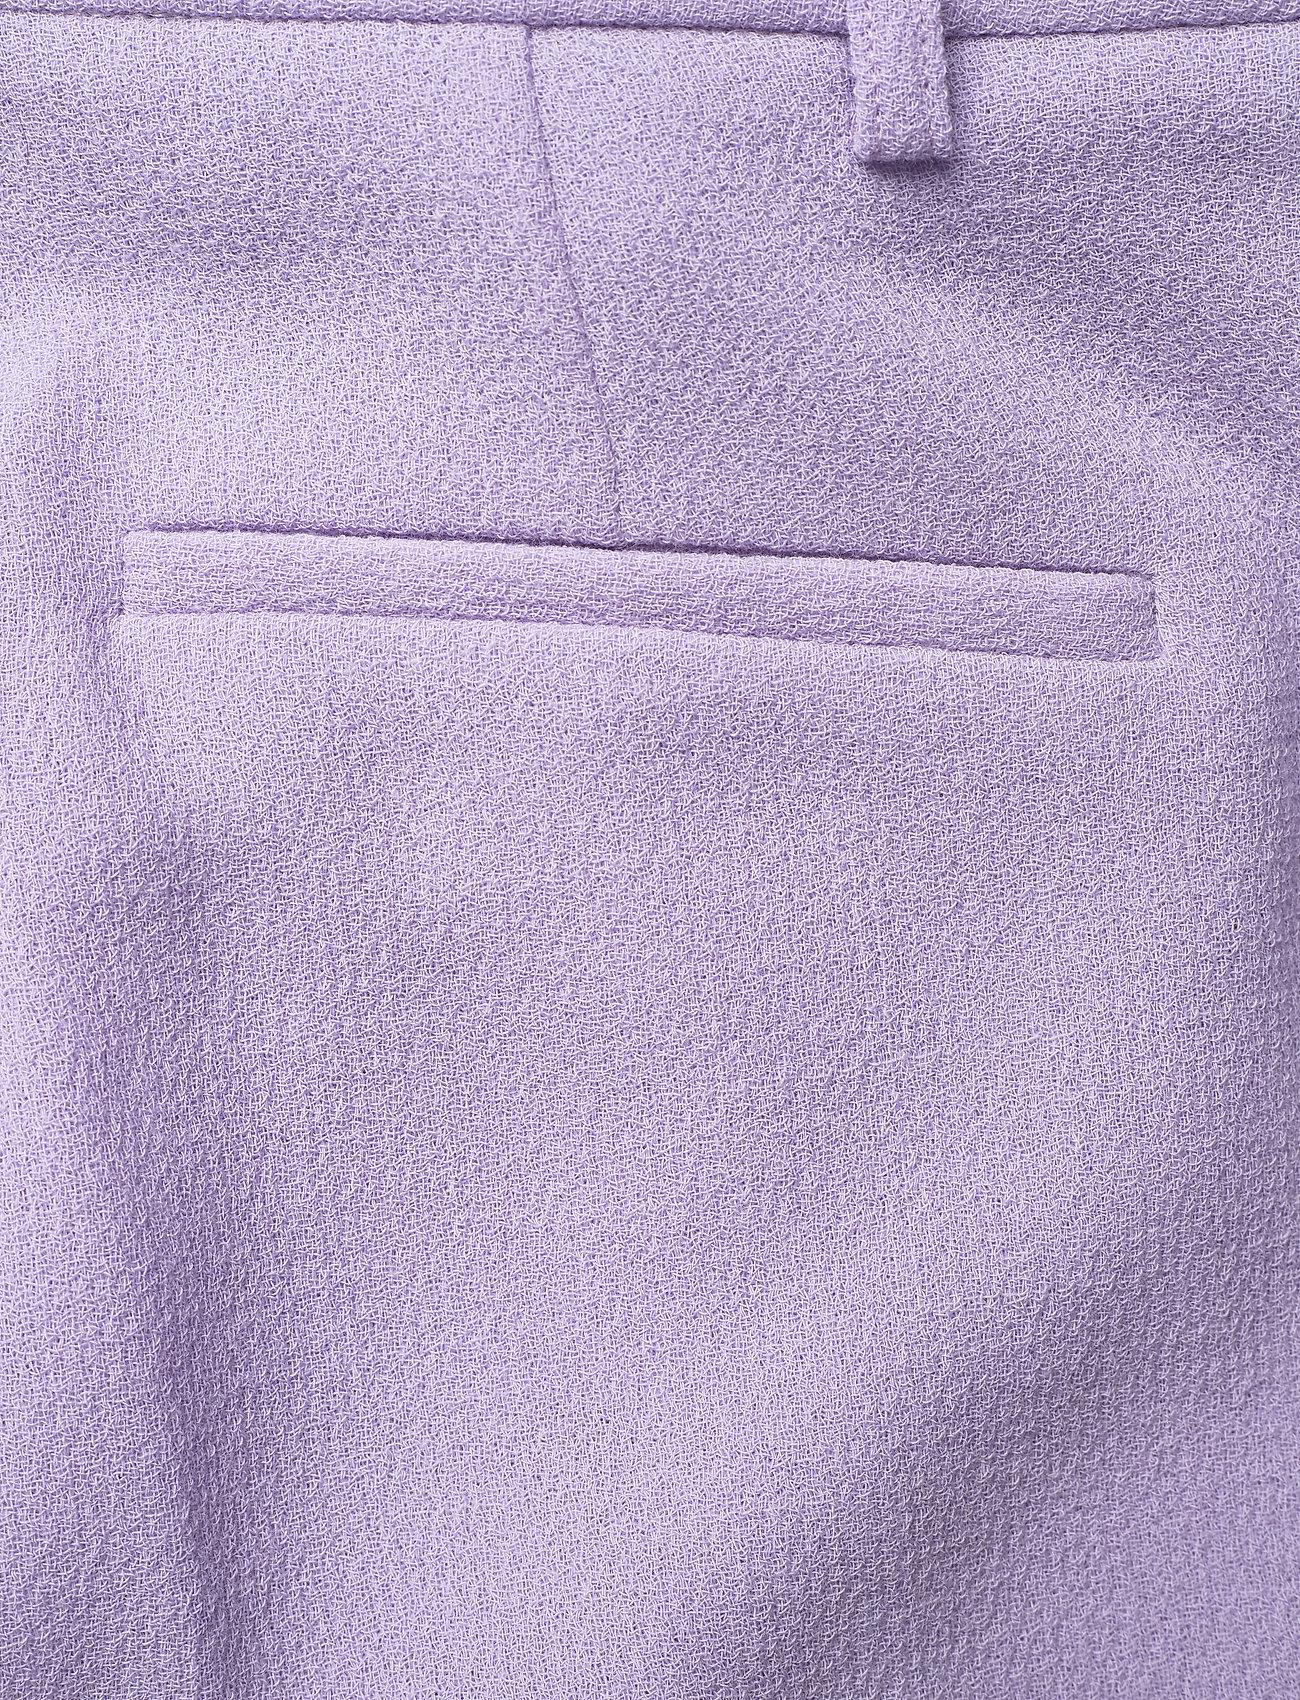 STINE GOYA - Estella, 1113 Iris Tailoring - bermudashorts - lilac - 5